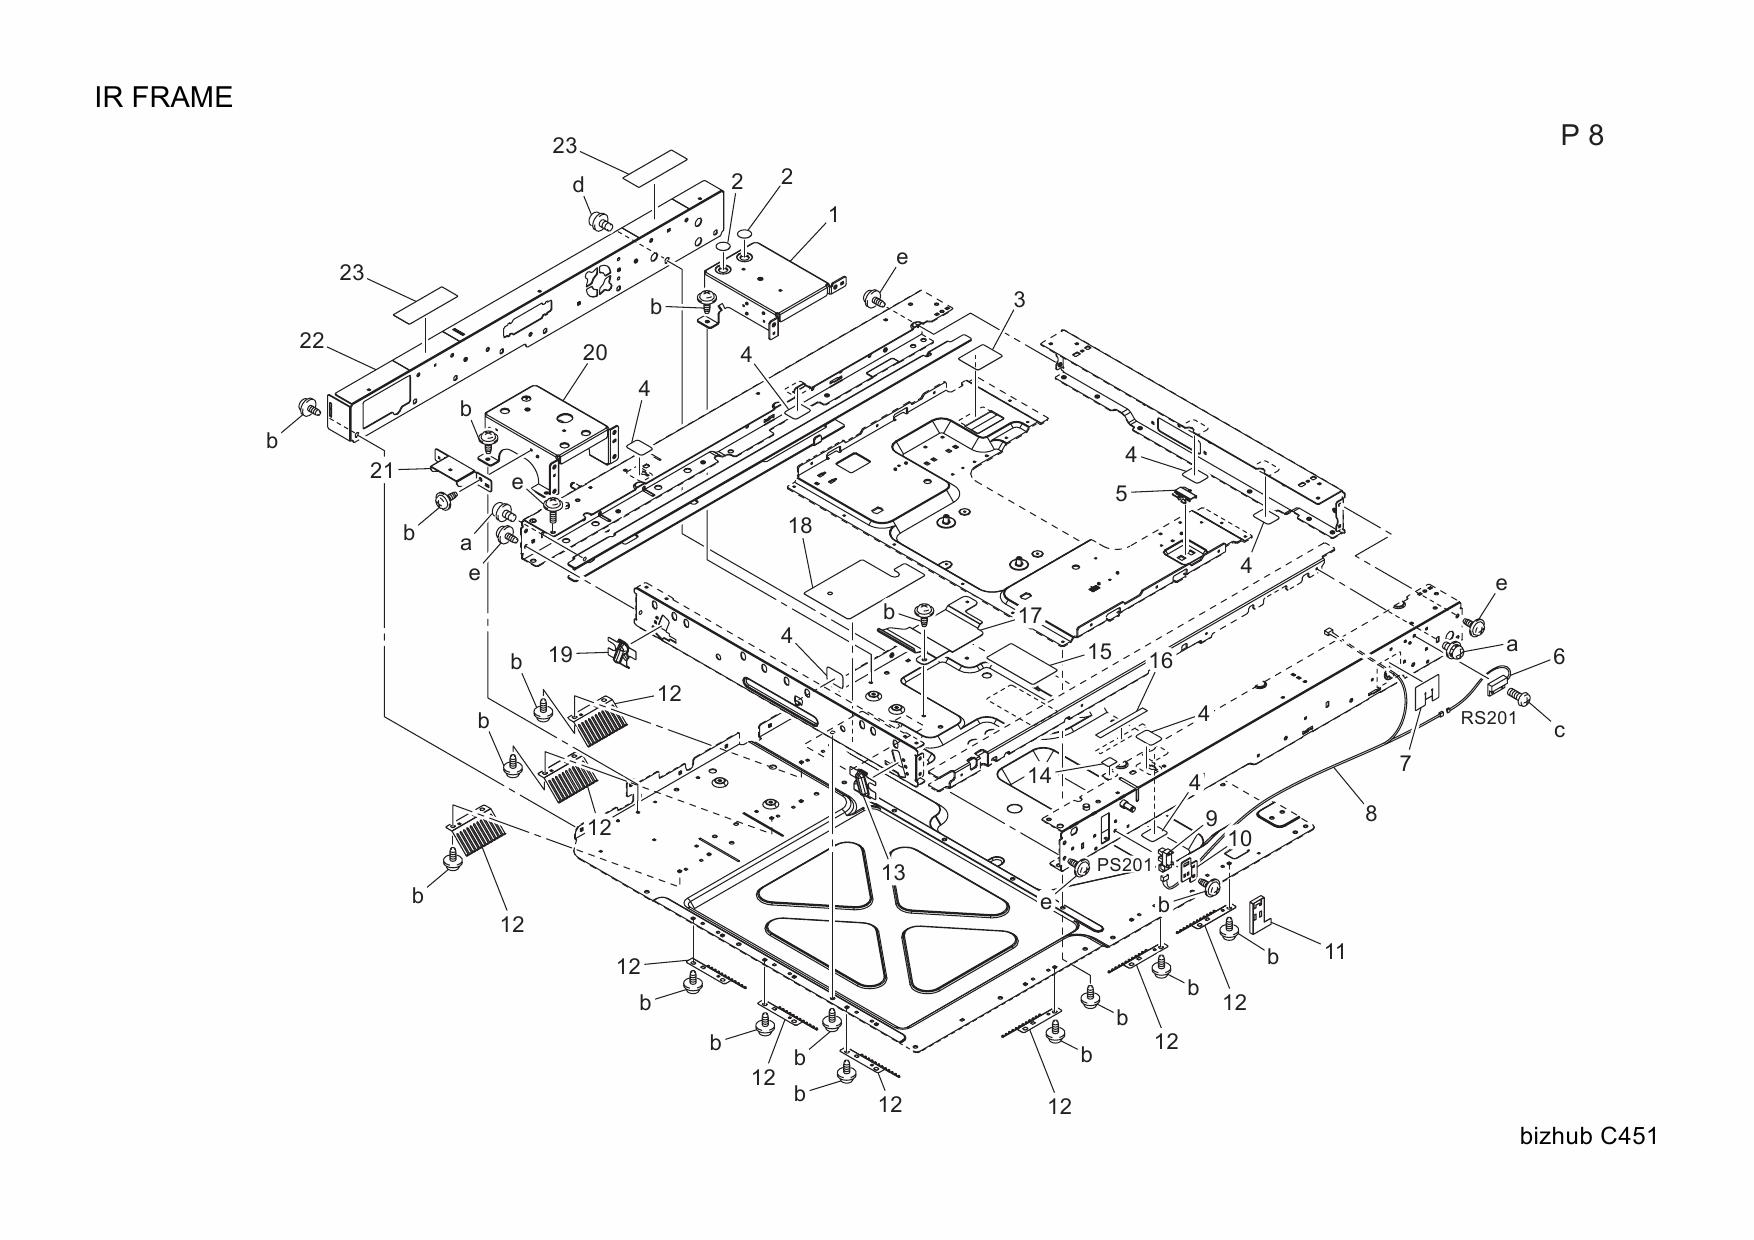 Konica-Minolta bizhub C451 Parts Manual